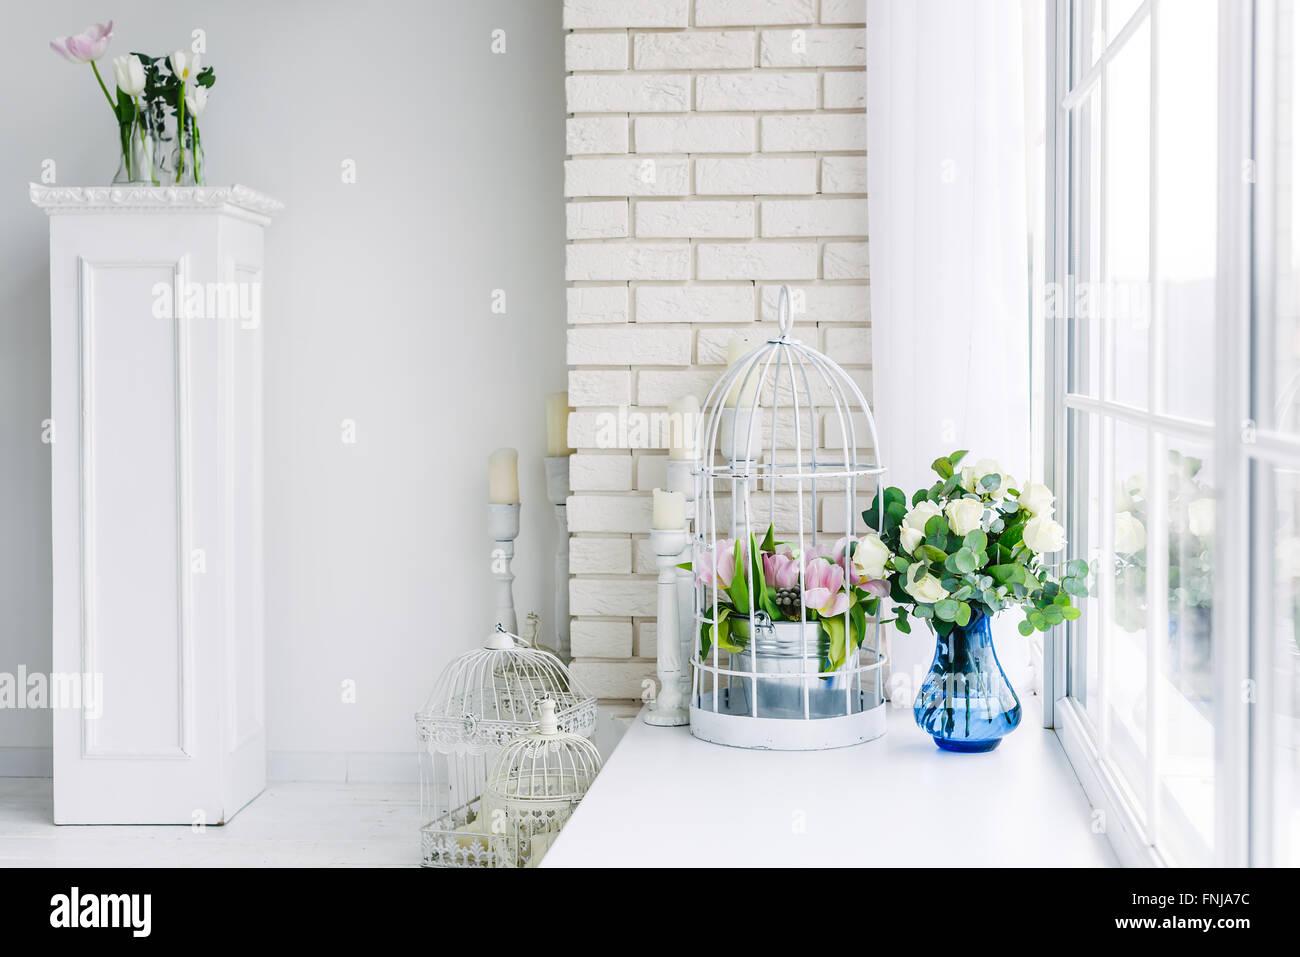 Flores en el alféizar de la ventana en studio Imagen De Stock